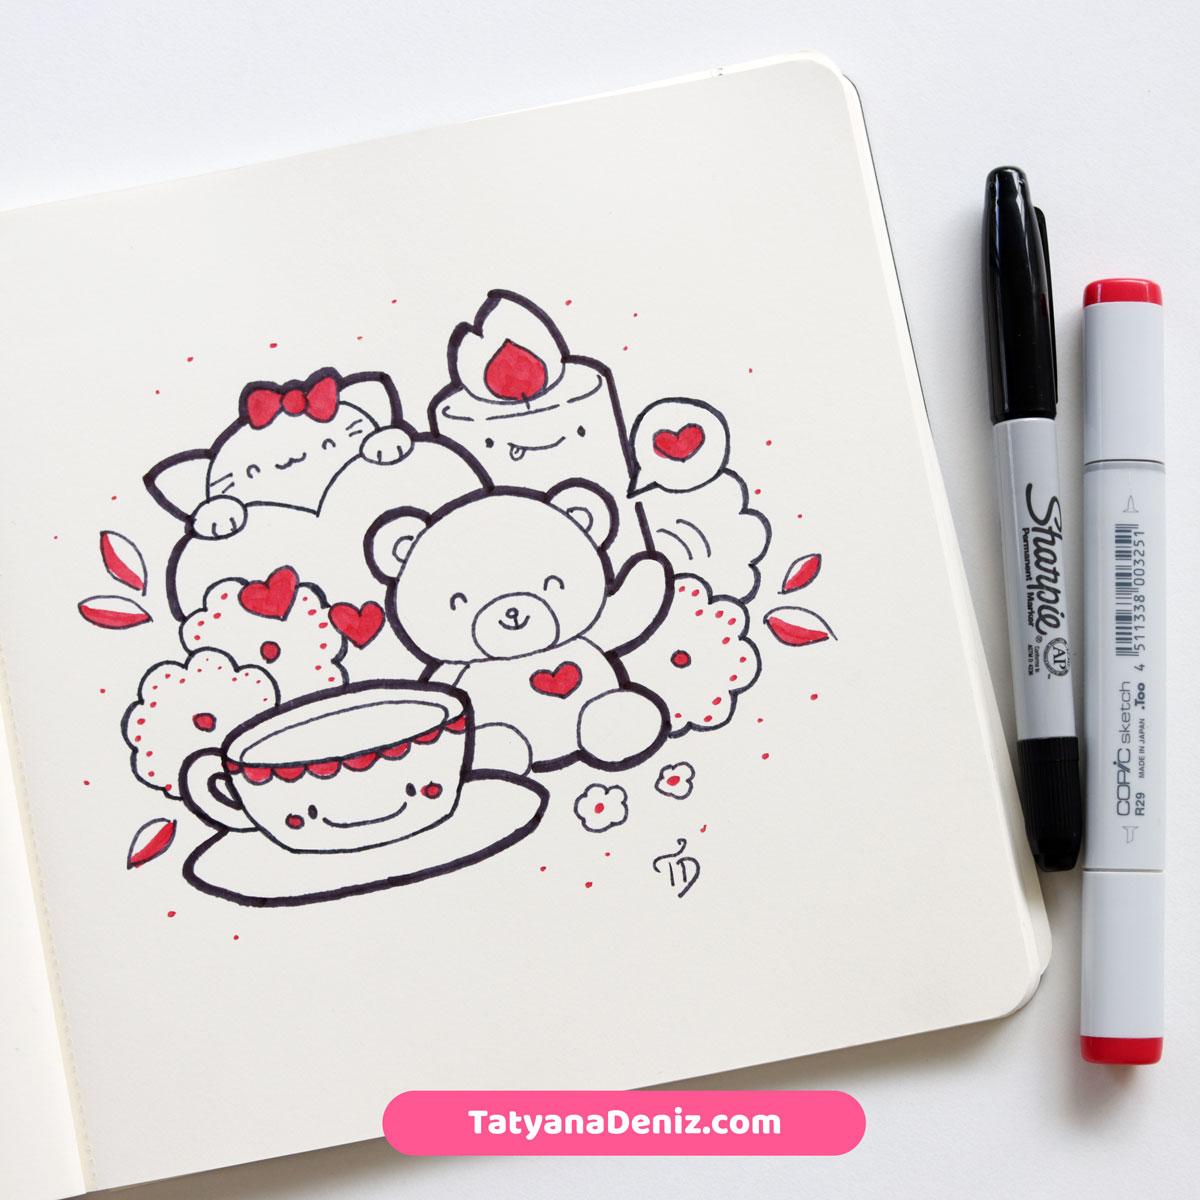 Kawaii doodle by Tatyana Deniz